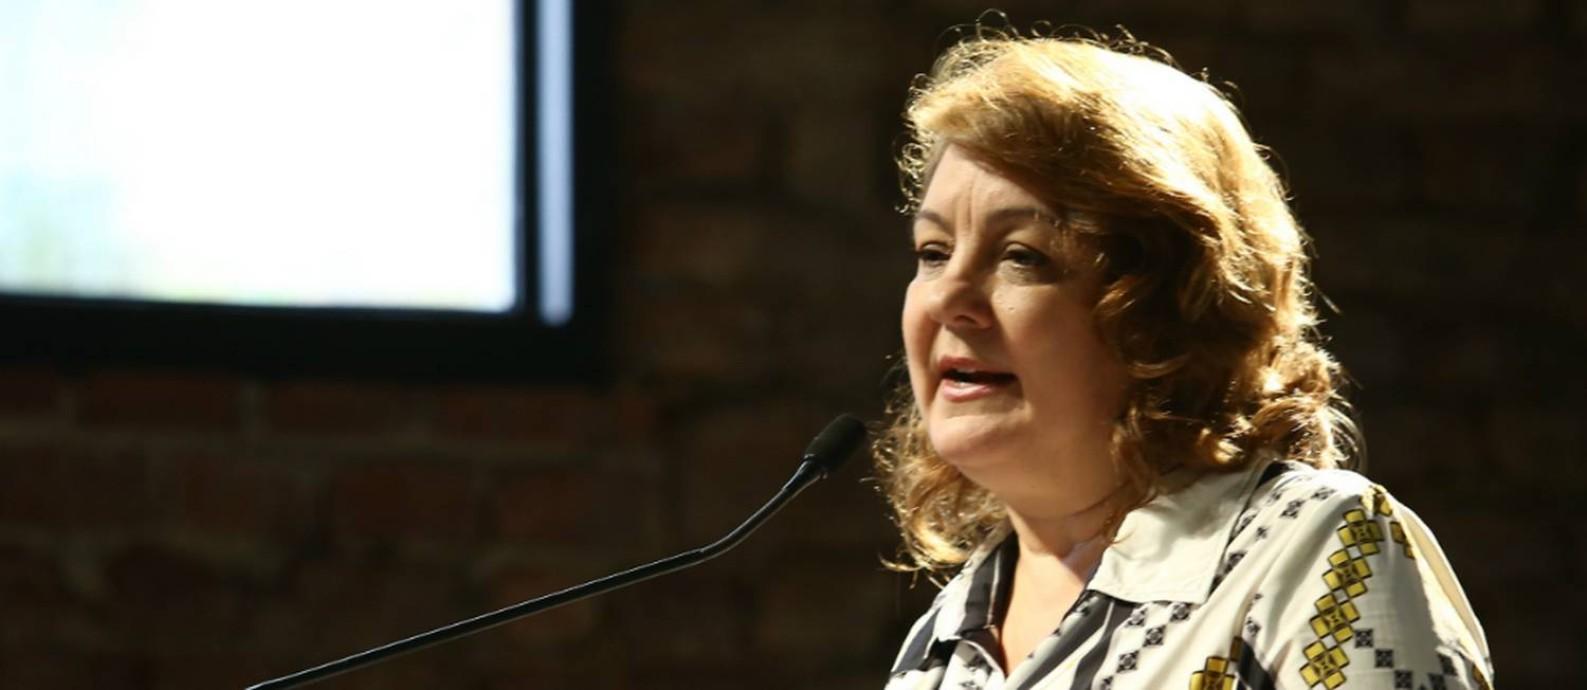 Debora Ivanov, nova presidente da Ancine Foto: Divulgação